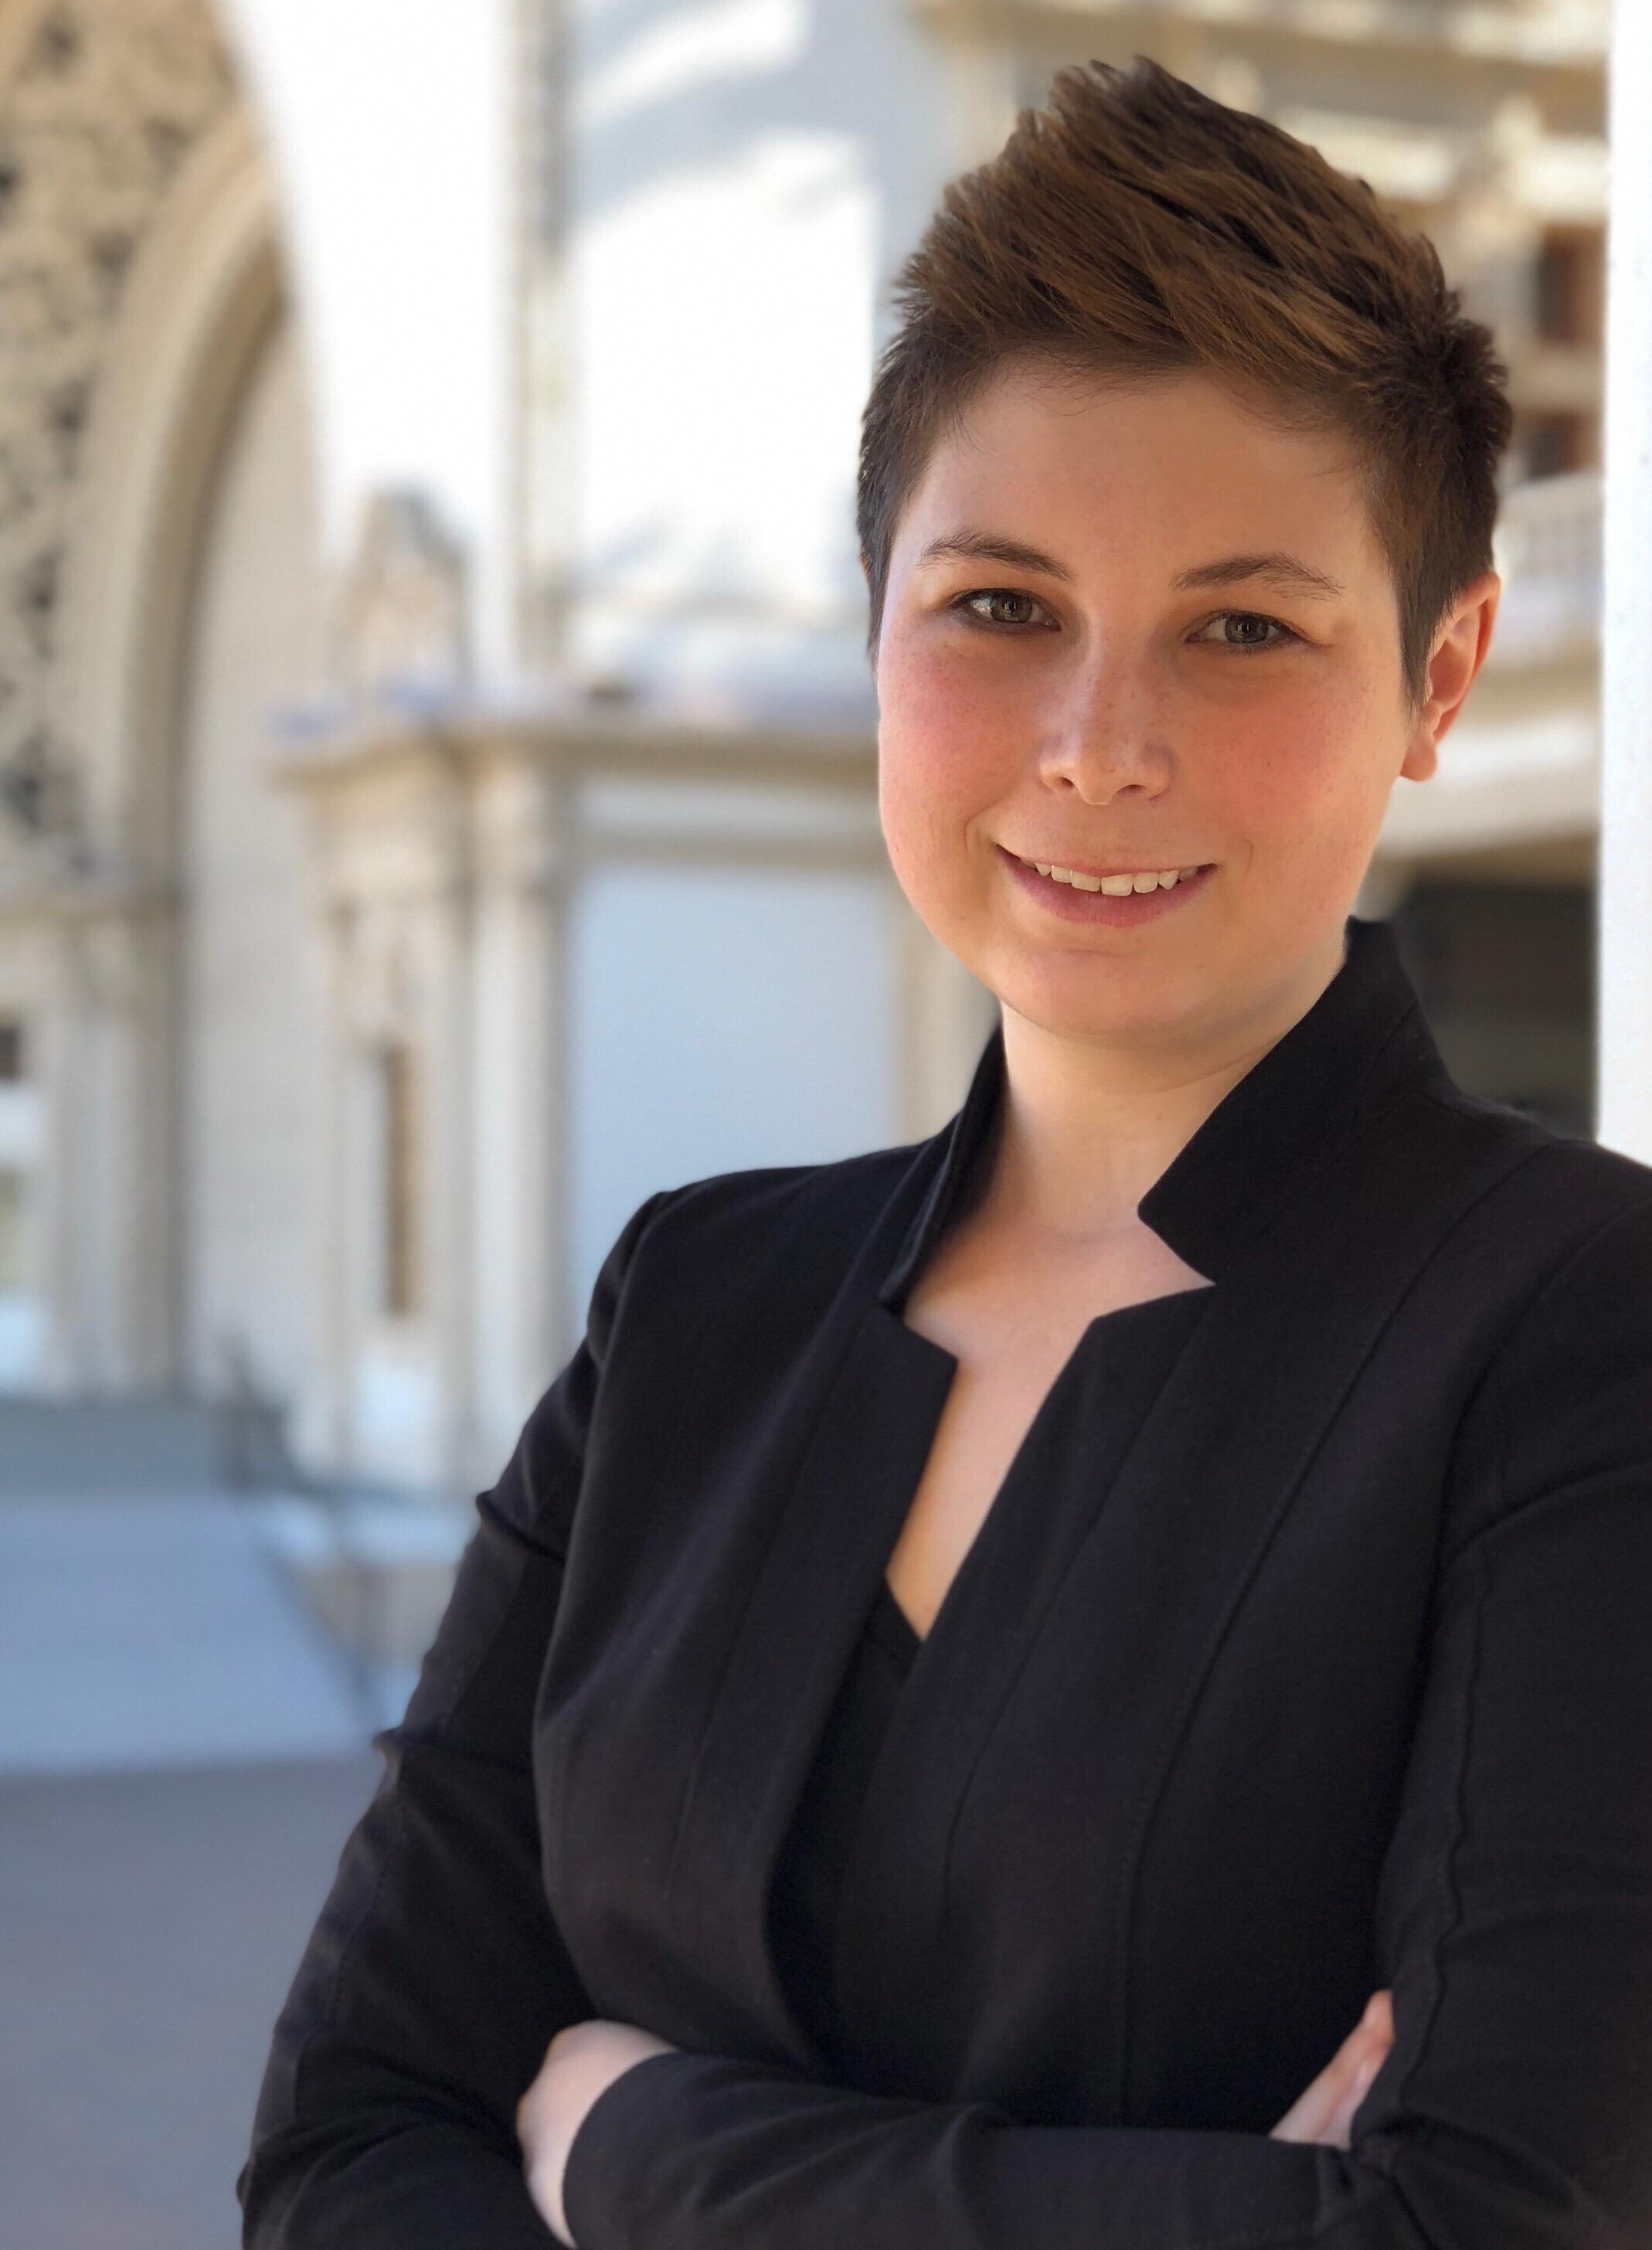 Rachel Gerstenfeld